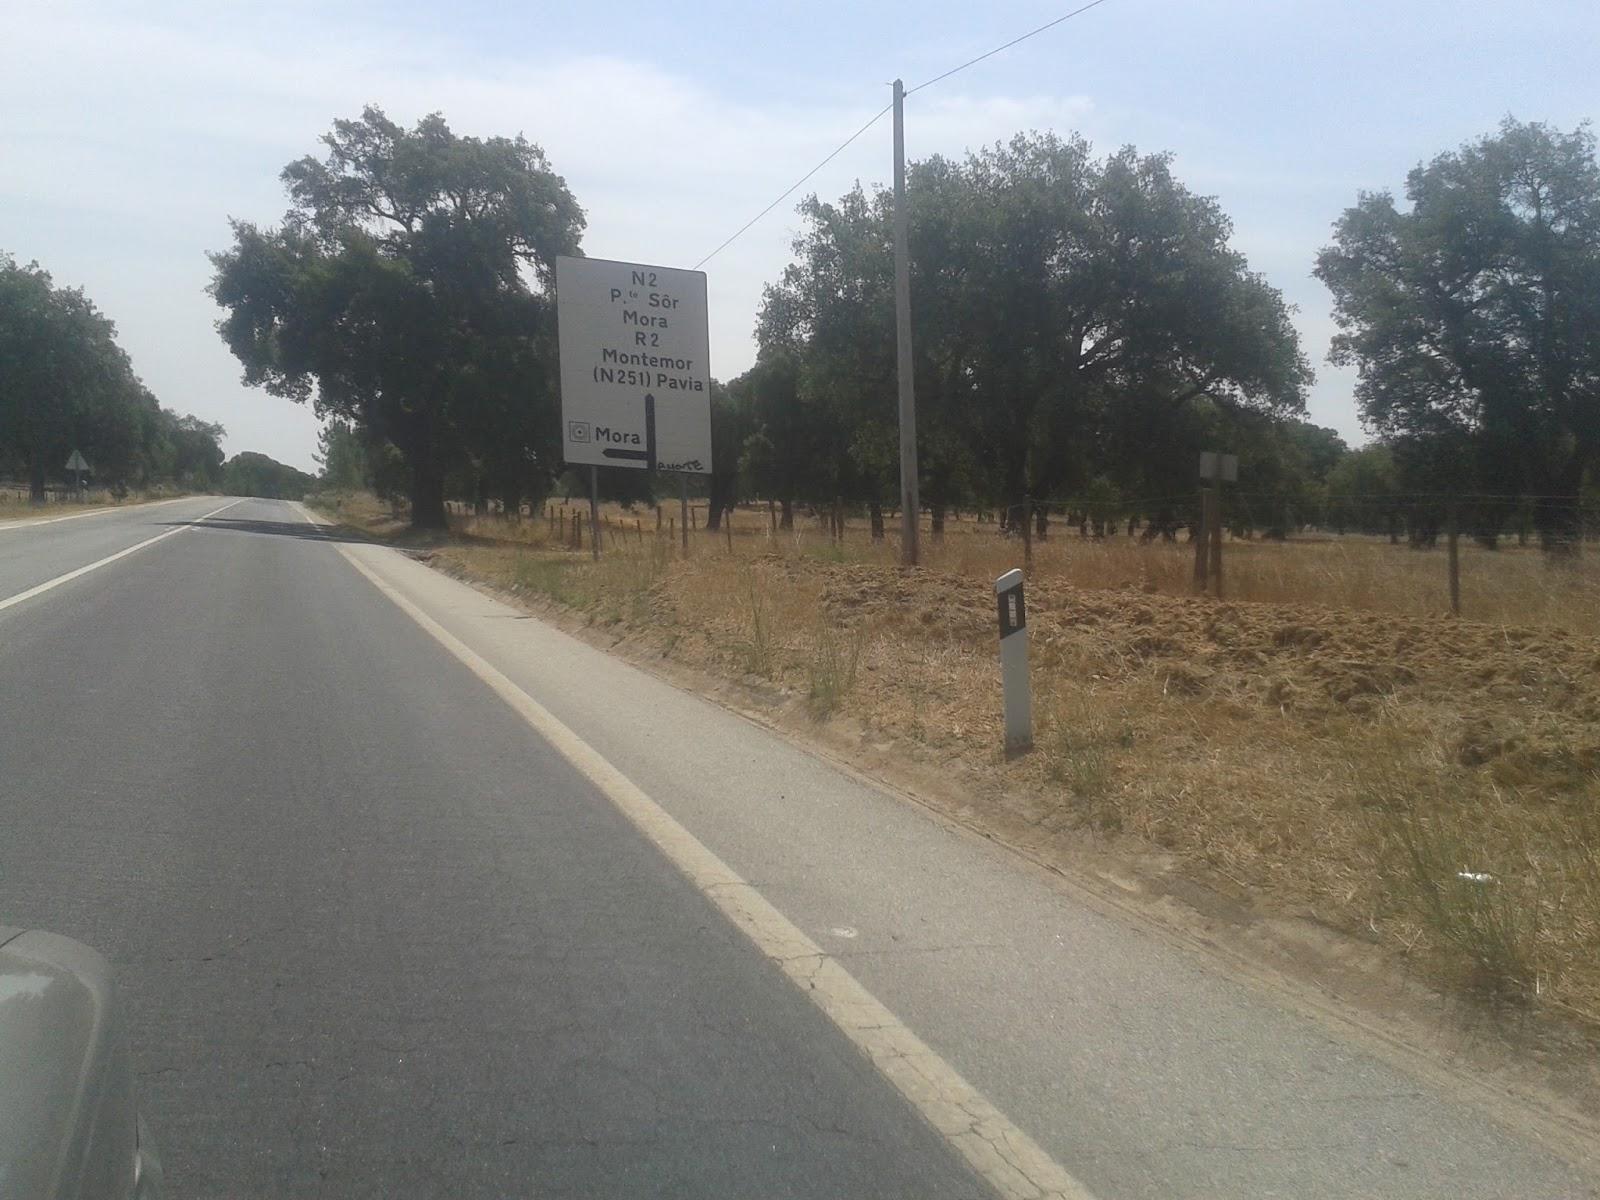 Placa N2 em direção a Mora